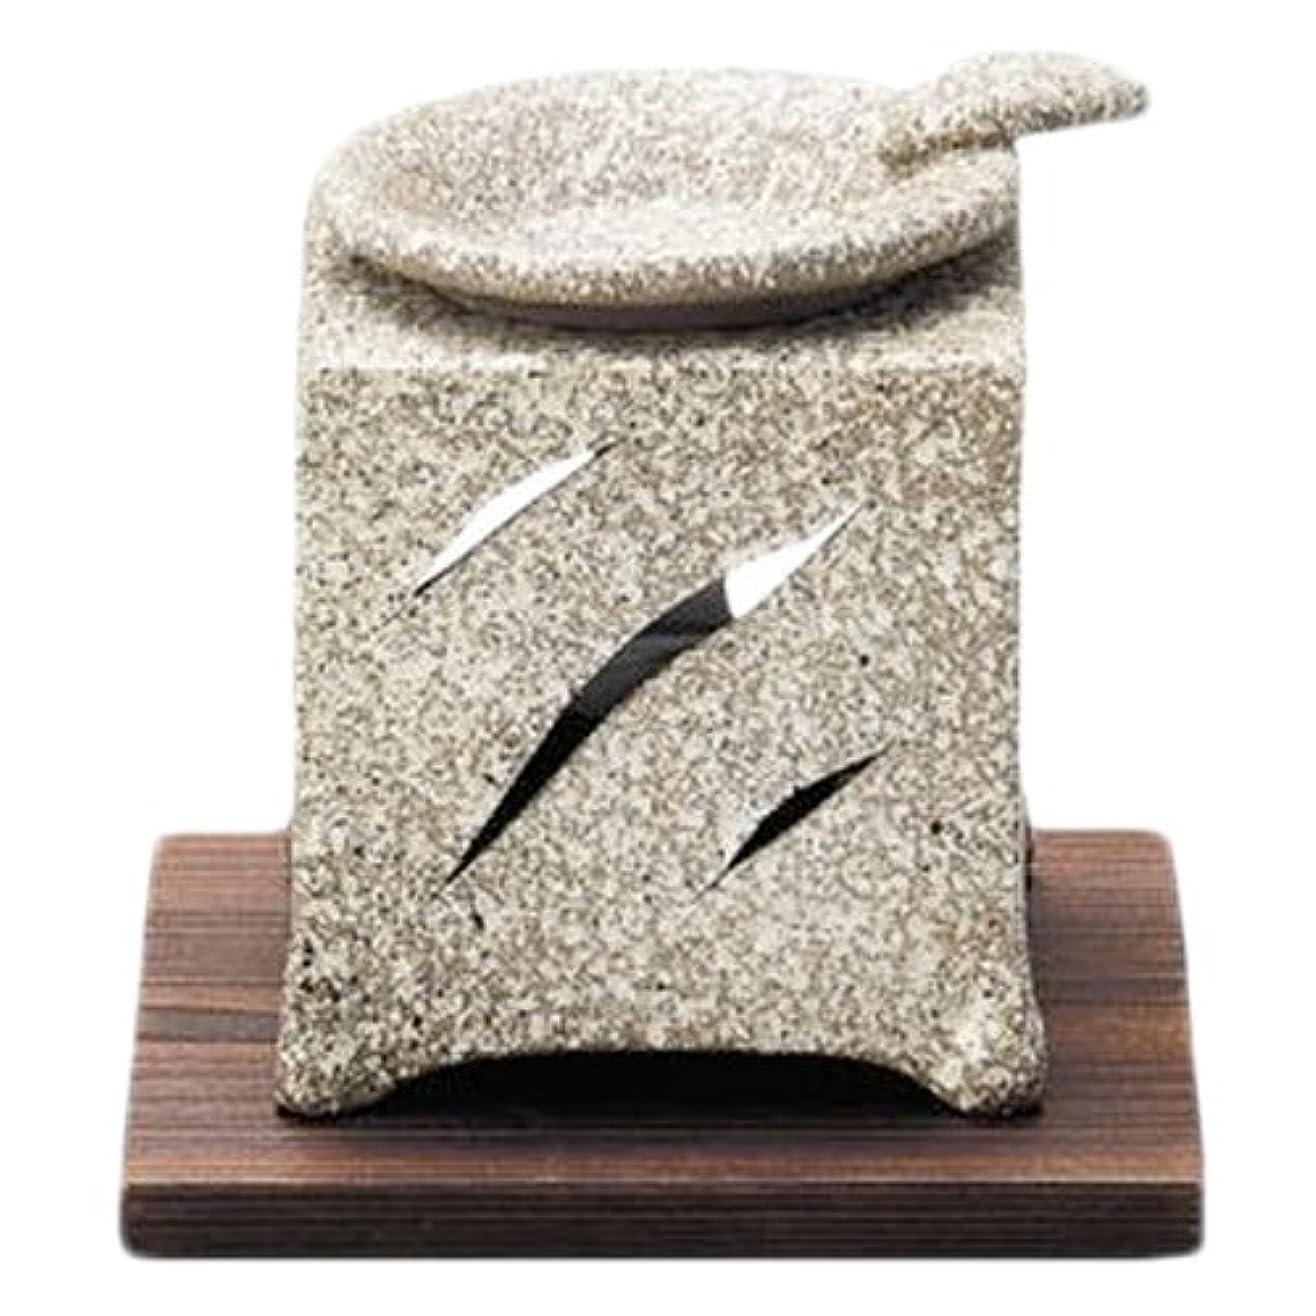 同化ハウジング最も常滑焼5-261山房 石風角形茶香炉 AM-T1054